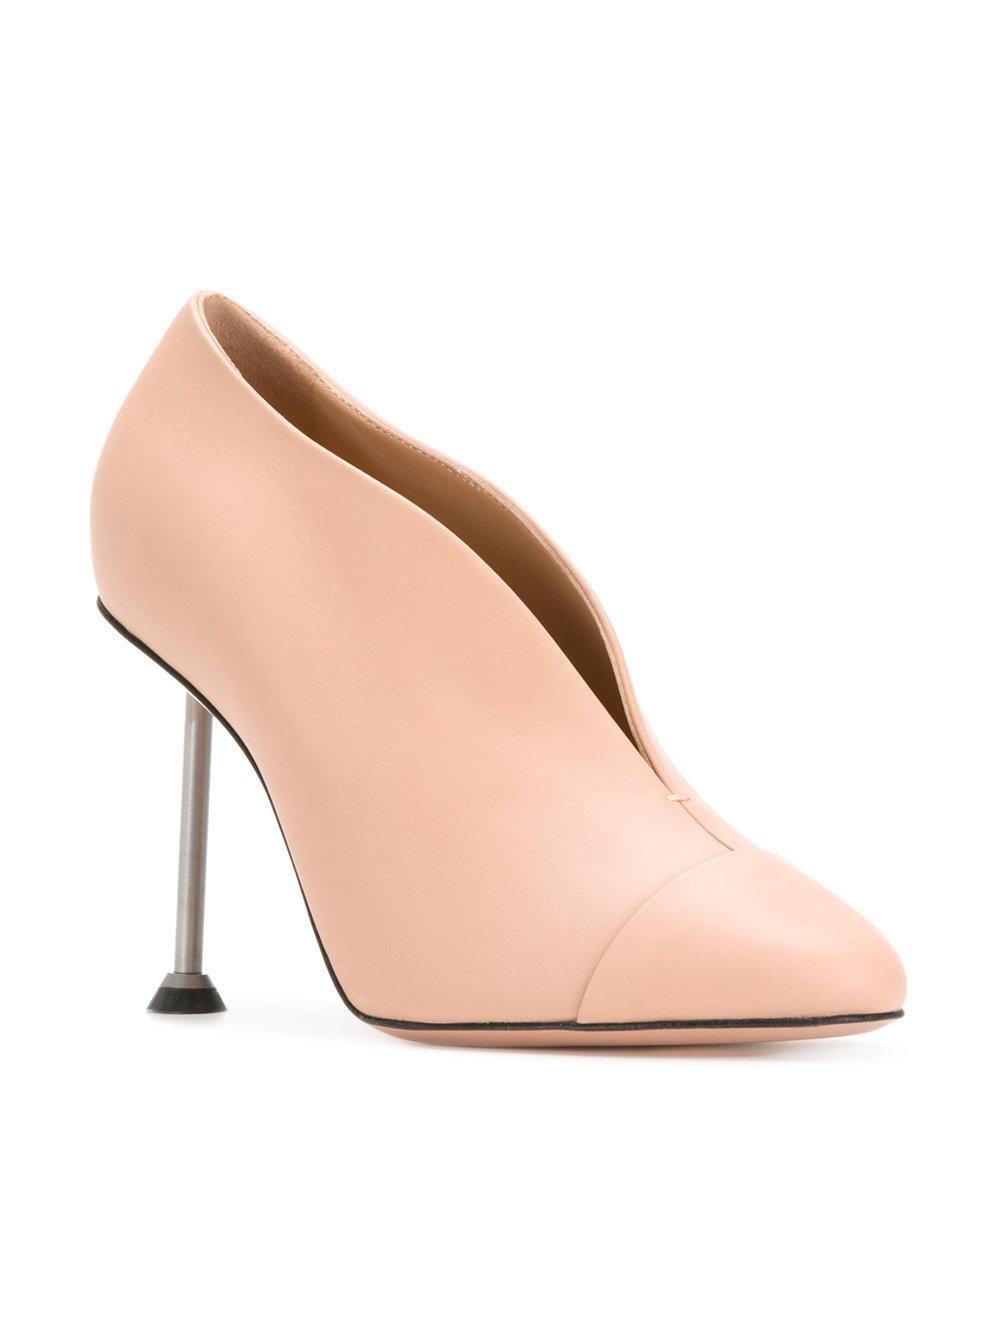 Dorothy pumps - Nude & Neutrals Victoria Beckham MmMAx